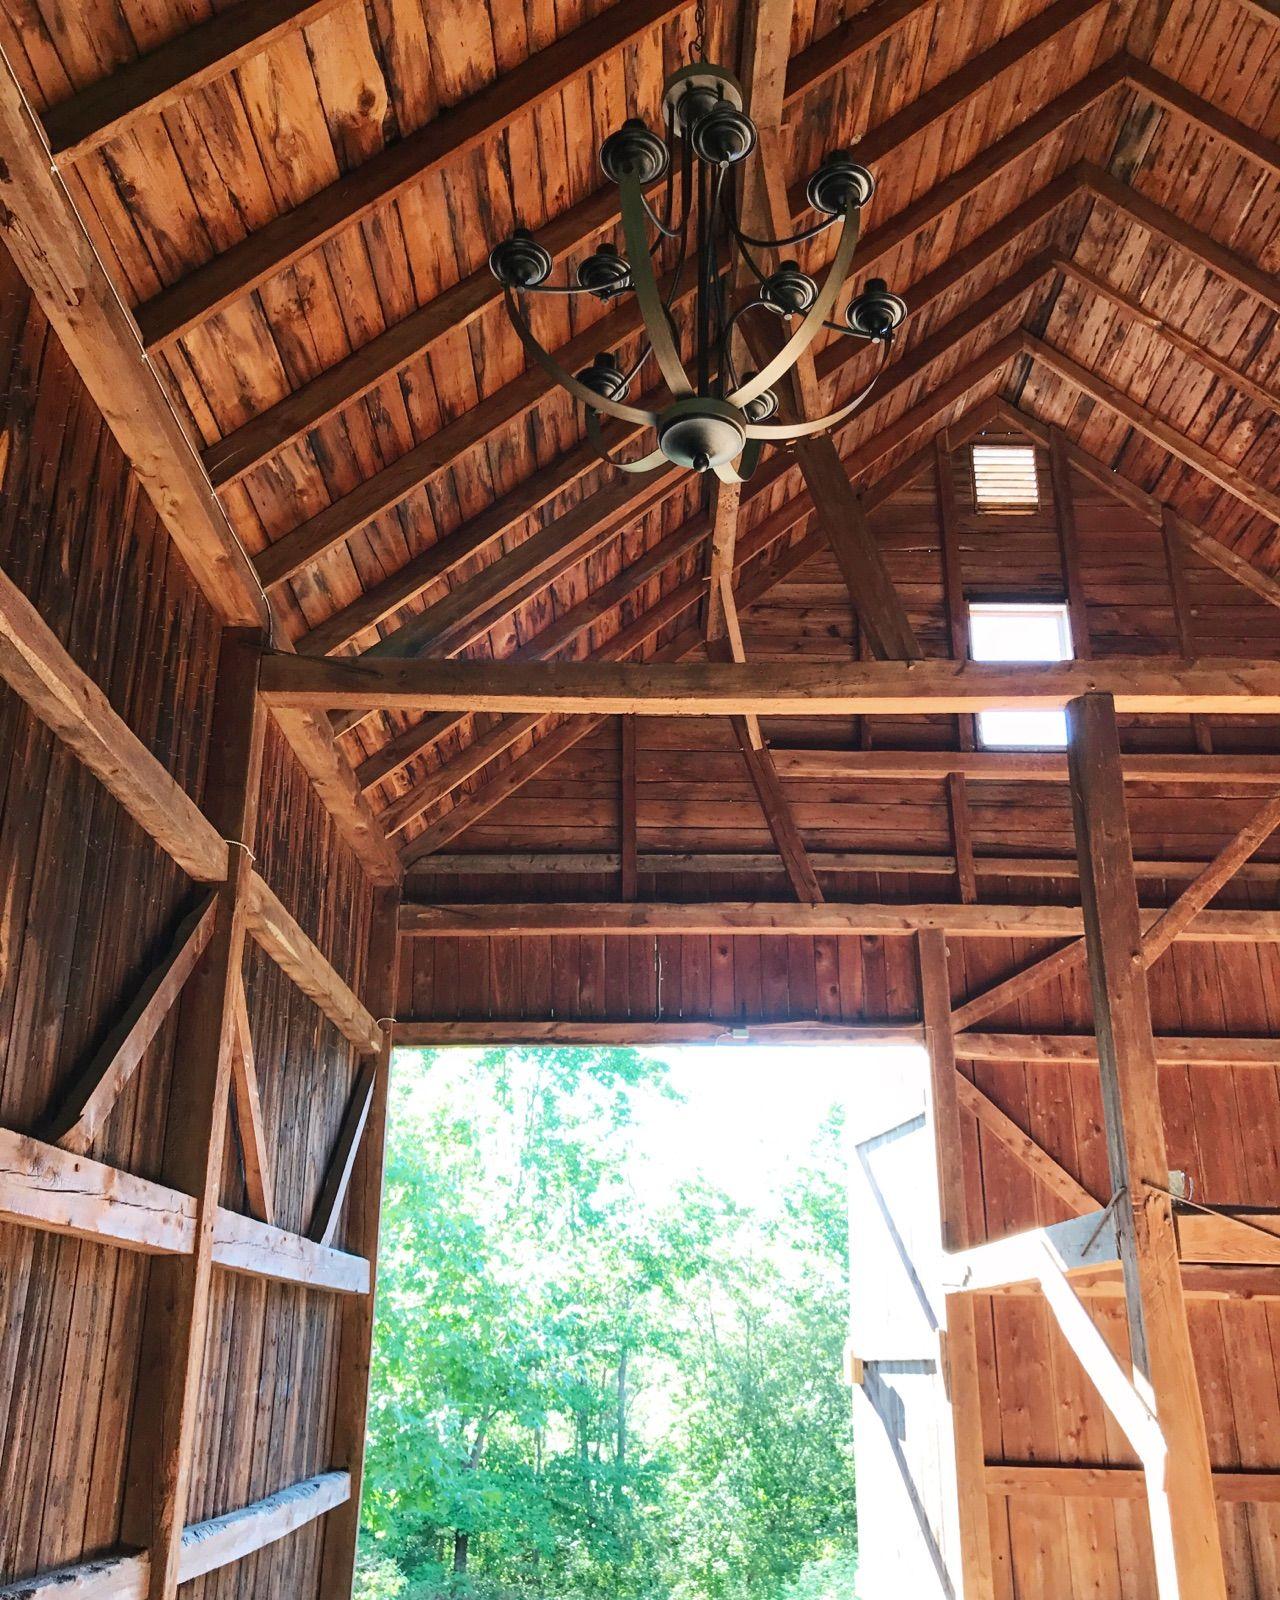 Cunningham Farm Barns Estate Venue Hay Barn Wedding Barn Maine Wedding Venues Barn Wedding Barn Wedding Venue